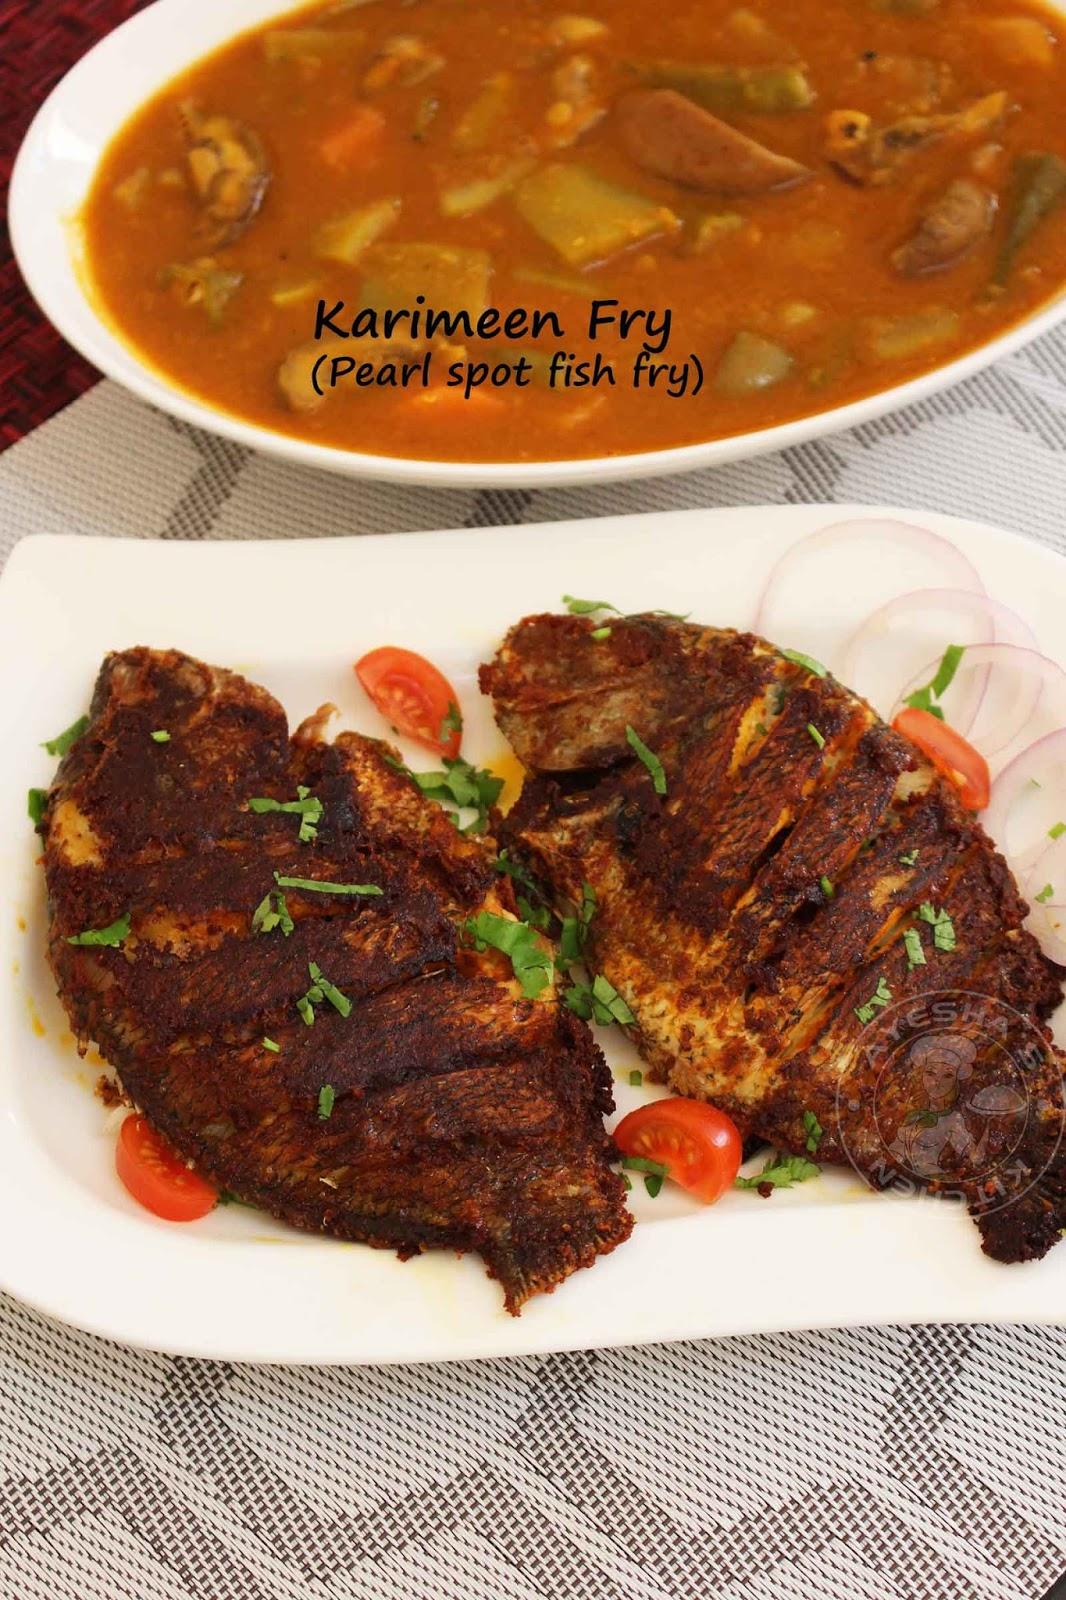 Fry fish recipe pearl spot karimeen fish fry for Fried fish recipes